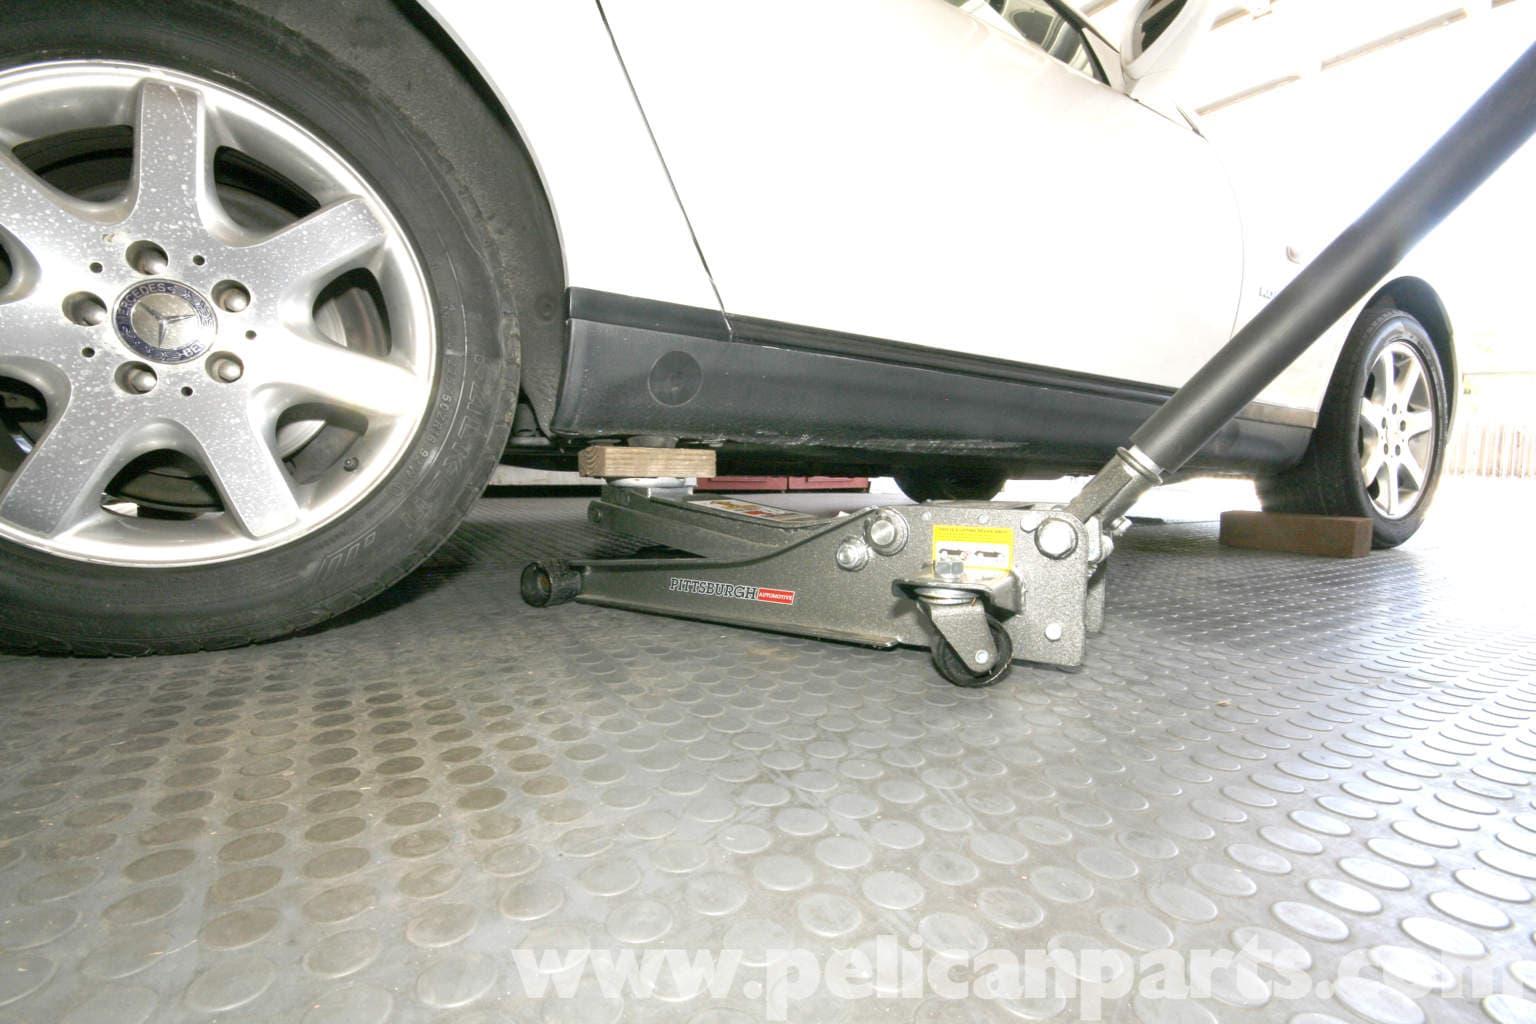 Mercedes benz slk 230 jacking up your vehicle 1998 2004 for Mercedes benz slk230 parts